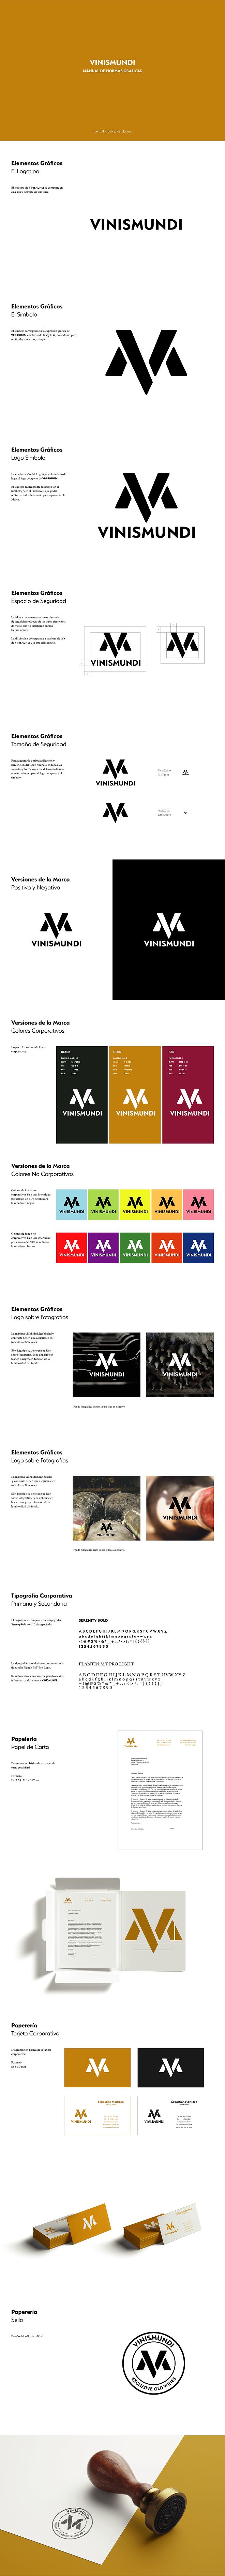 diseño etiquetas vino, especialistas en bodegas, estudio de diseño, diseño vino, vini tinto, branding vino